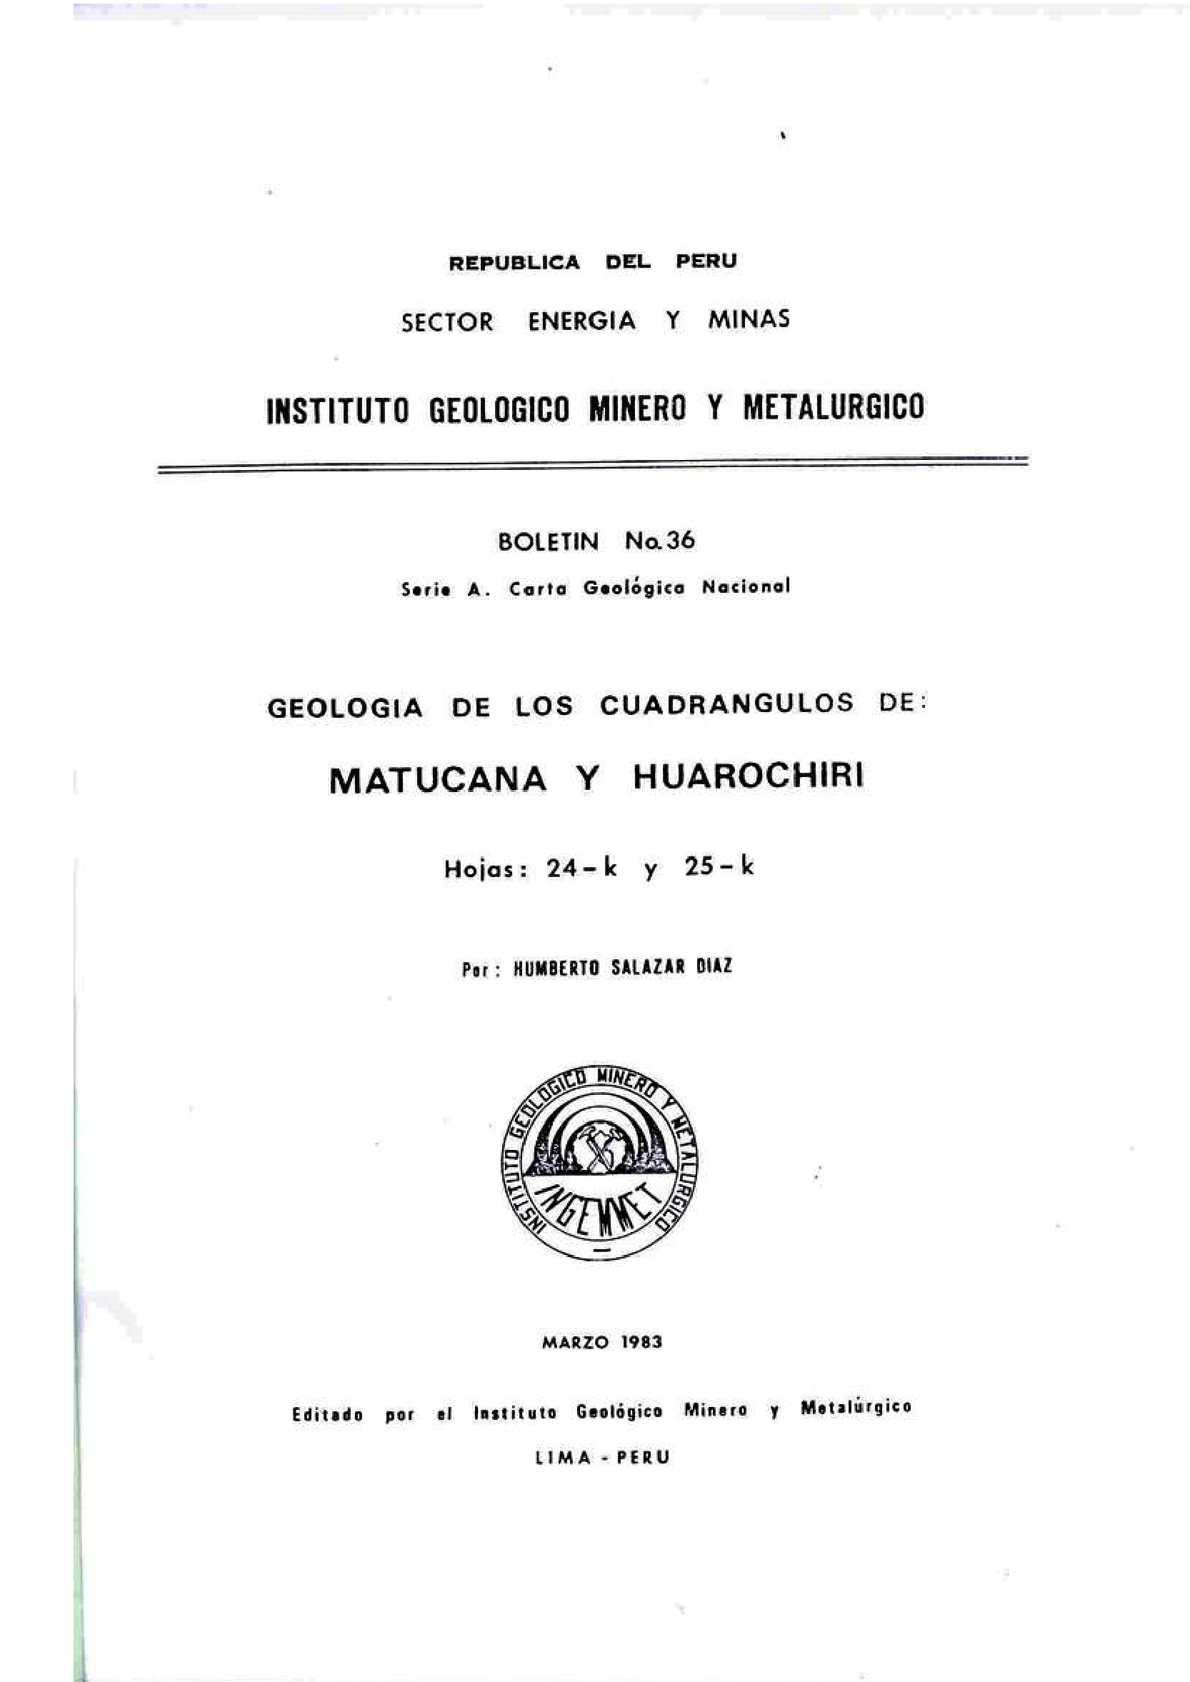 Calaméo - Geología - Cuadrangulo de Matucana (24k) y Huarochirí (25k ...